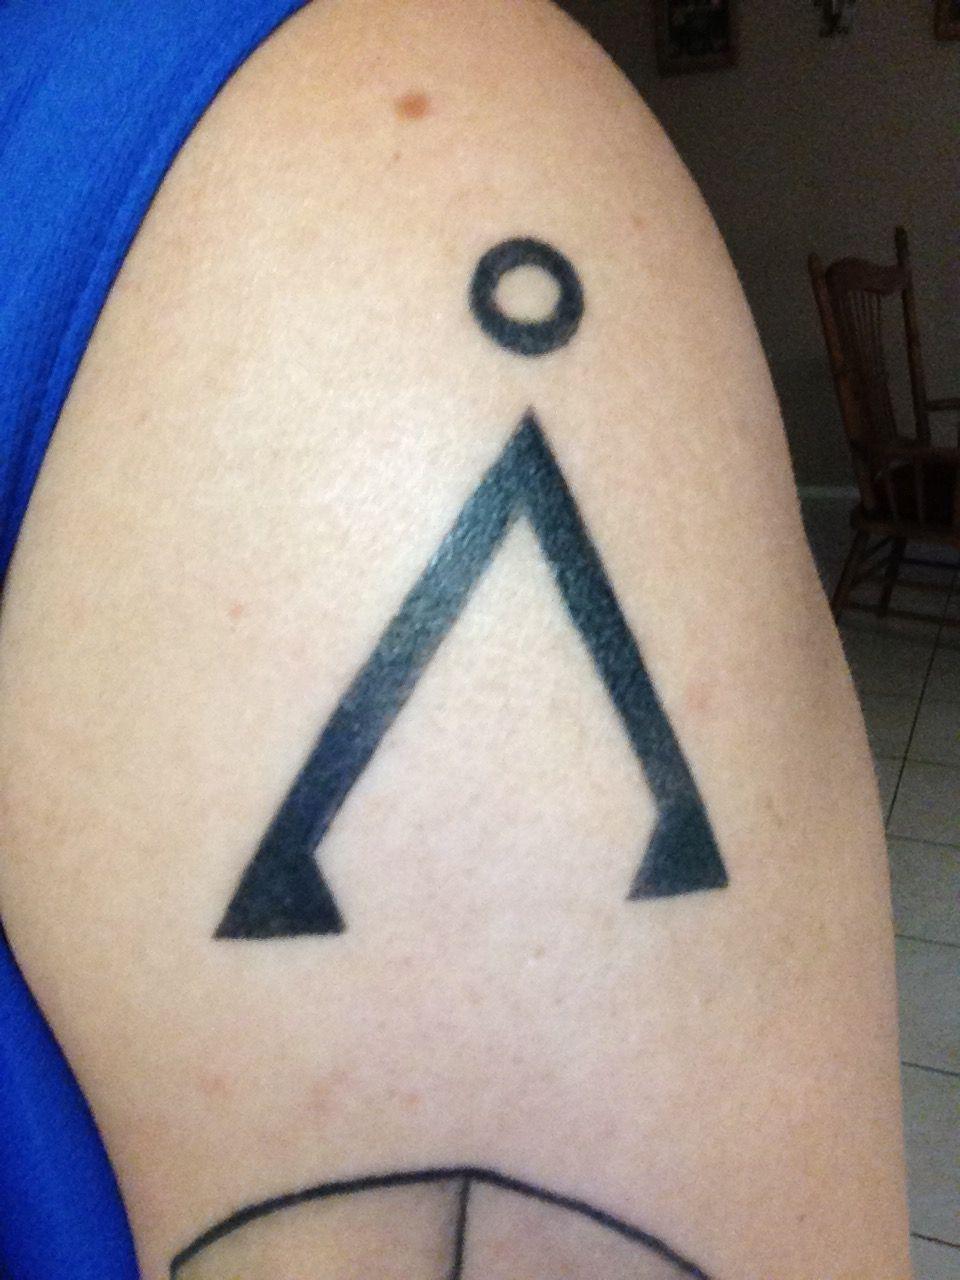 Stargate tattoo. Shoulder tattoo. Earth symbol. | Tattoos ...